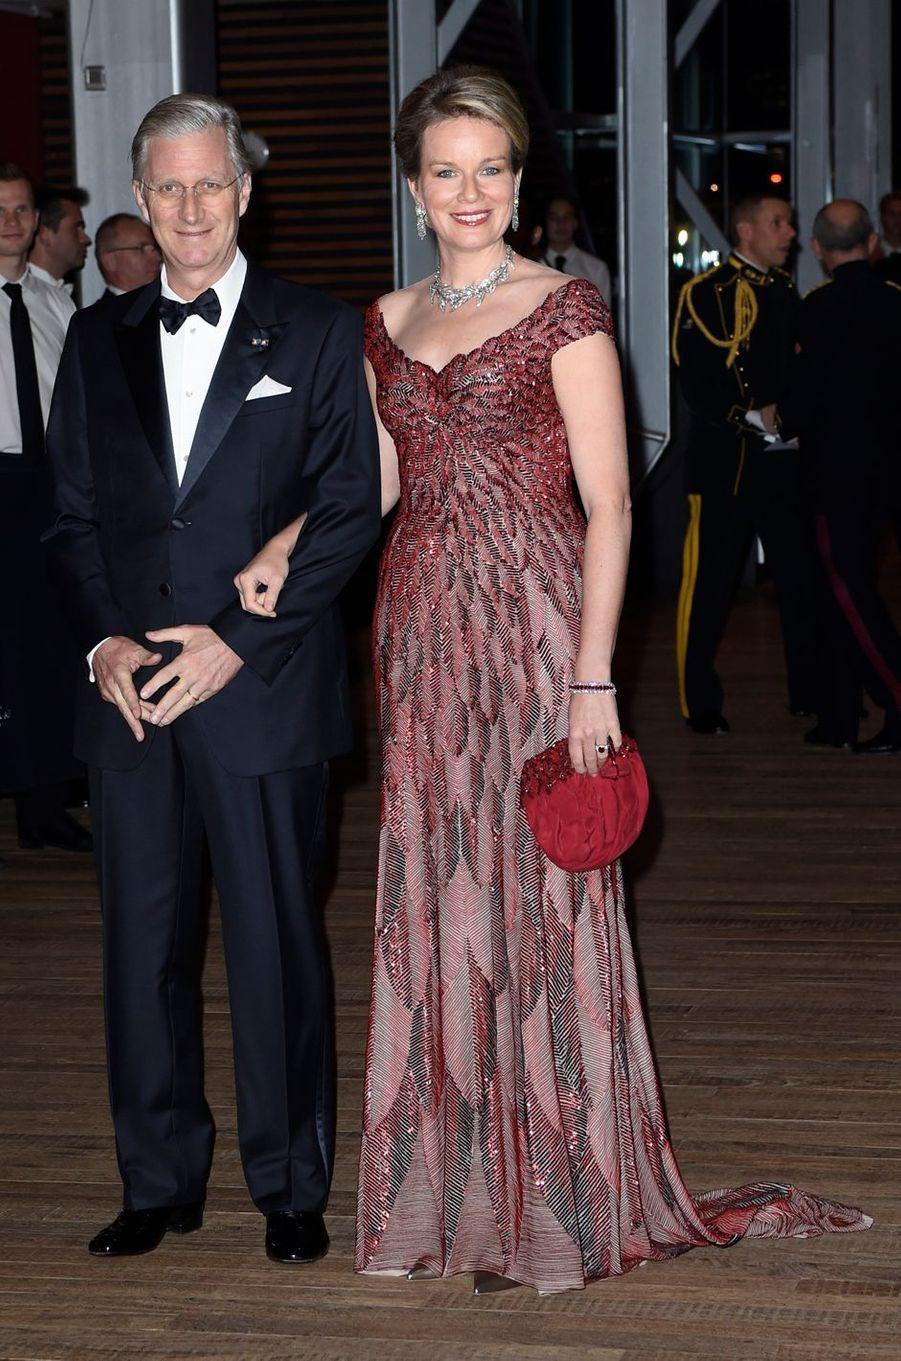 La reine Mathilde de Belgique en Jan Taminiau, le 29 novembre 2016